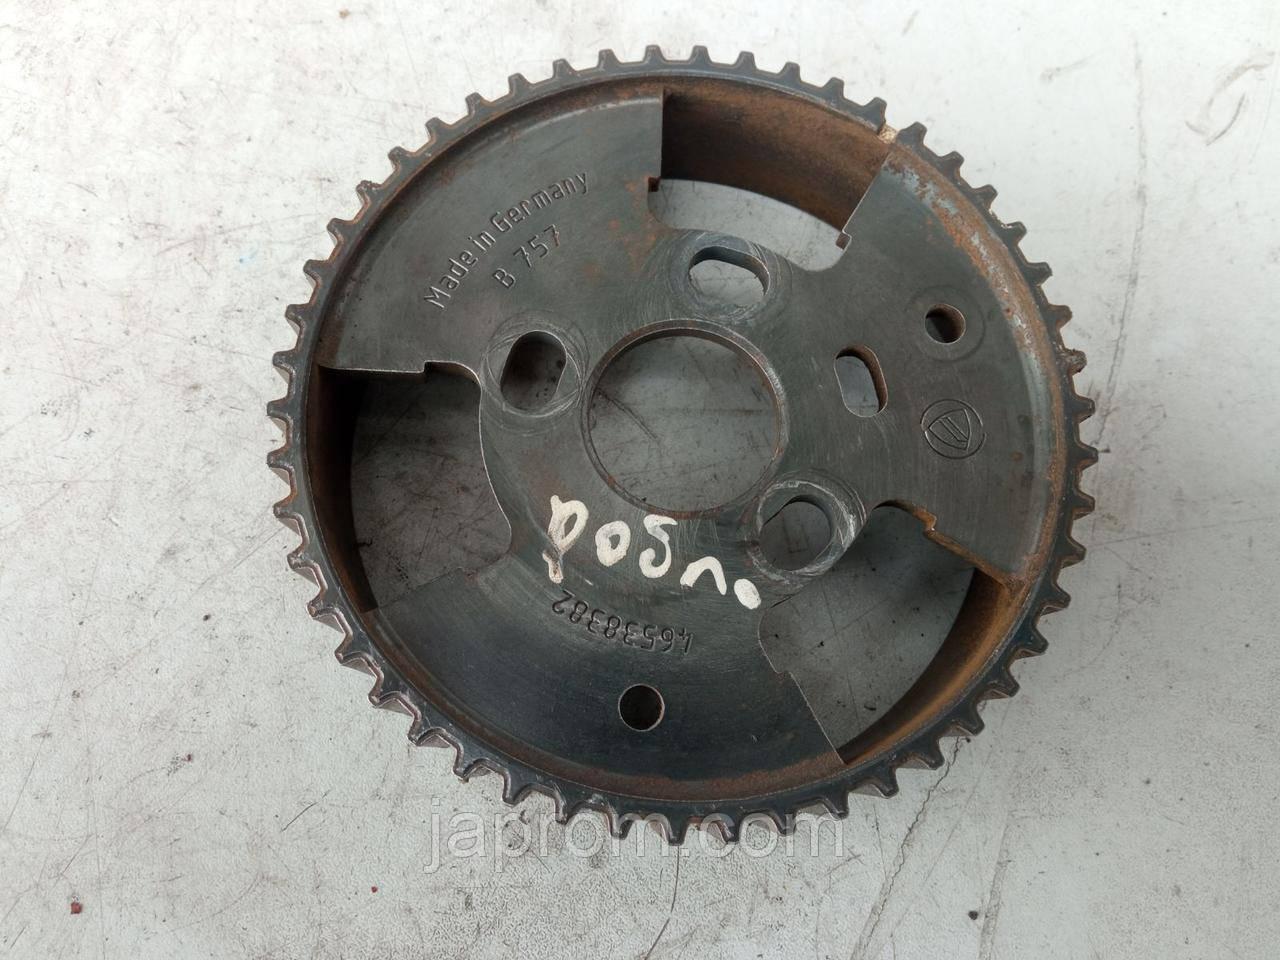 Шестерня звездочка распредвала Fiat Doblo I Фиат Добло 2000—2010г.в. 1.9D 46538382